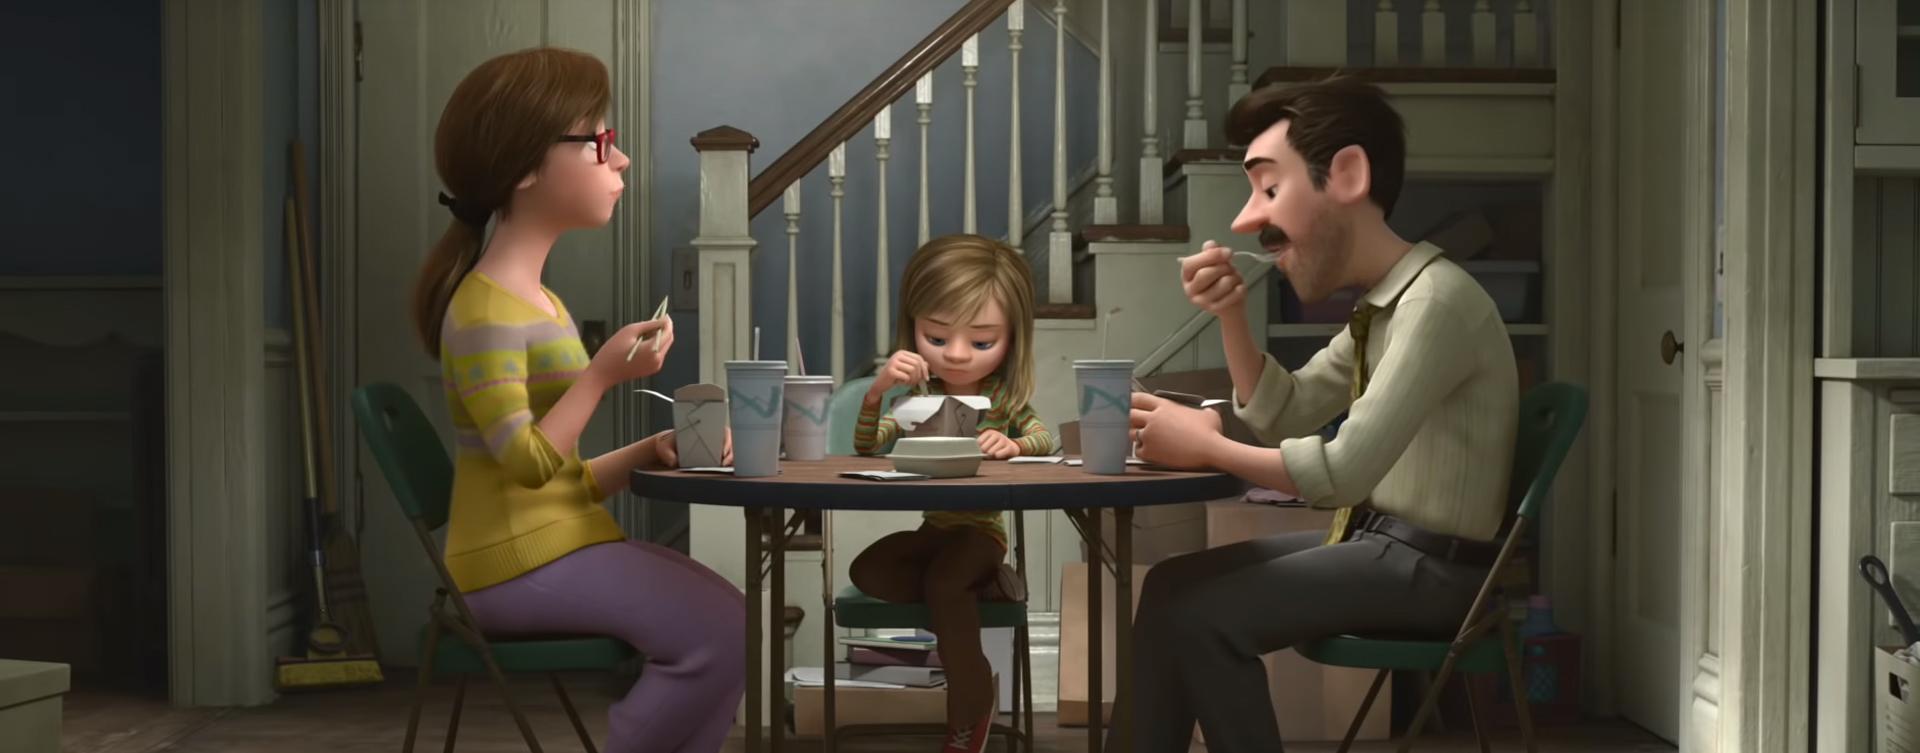 Inside/Out. Image Credit: Disney/Pixar.